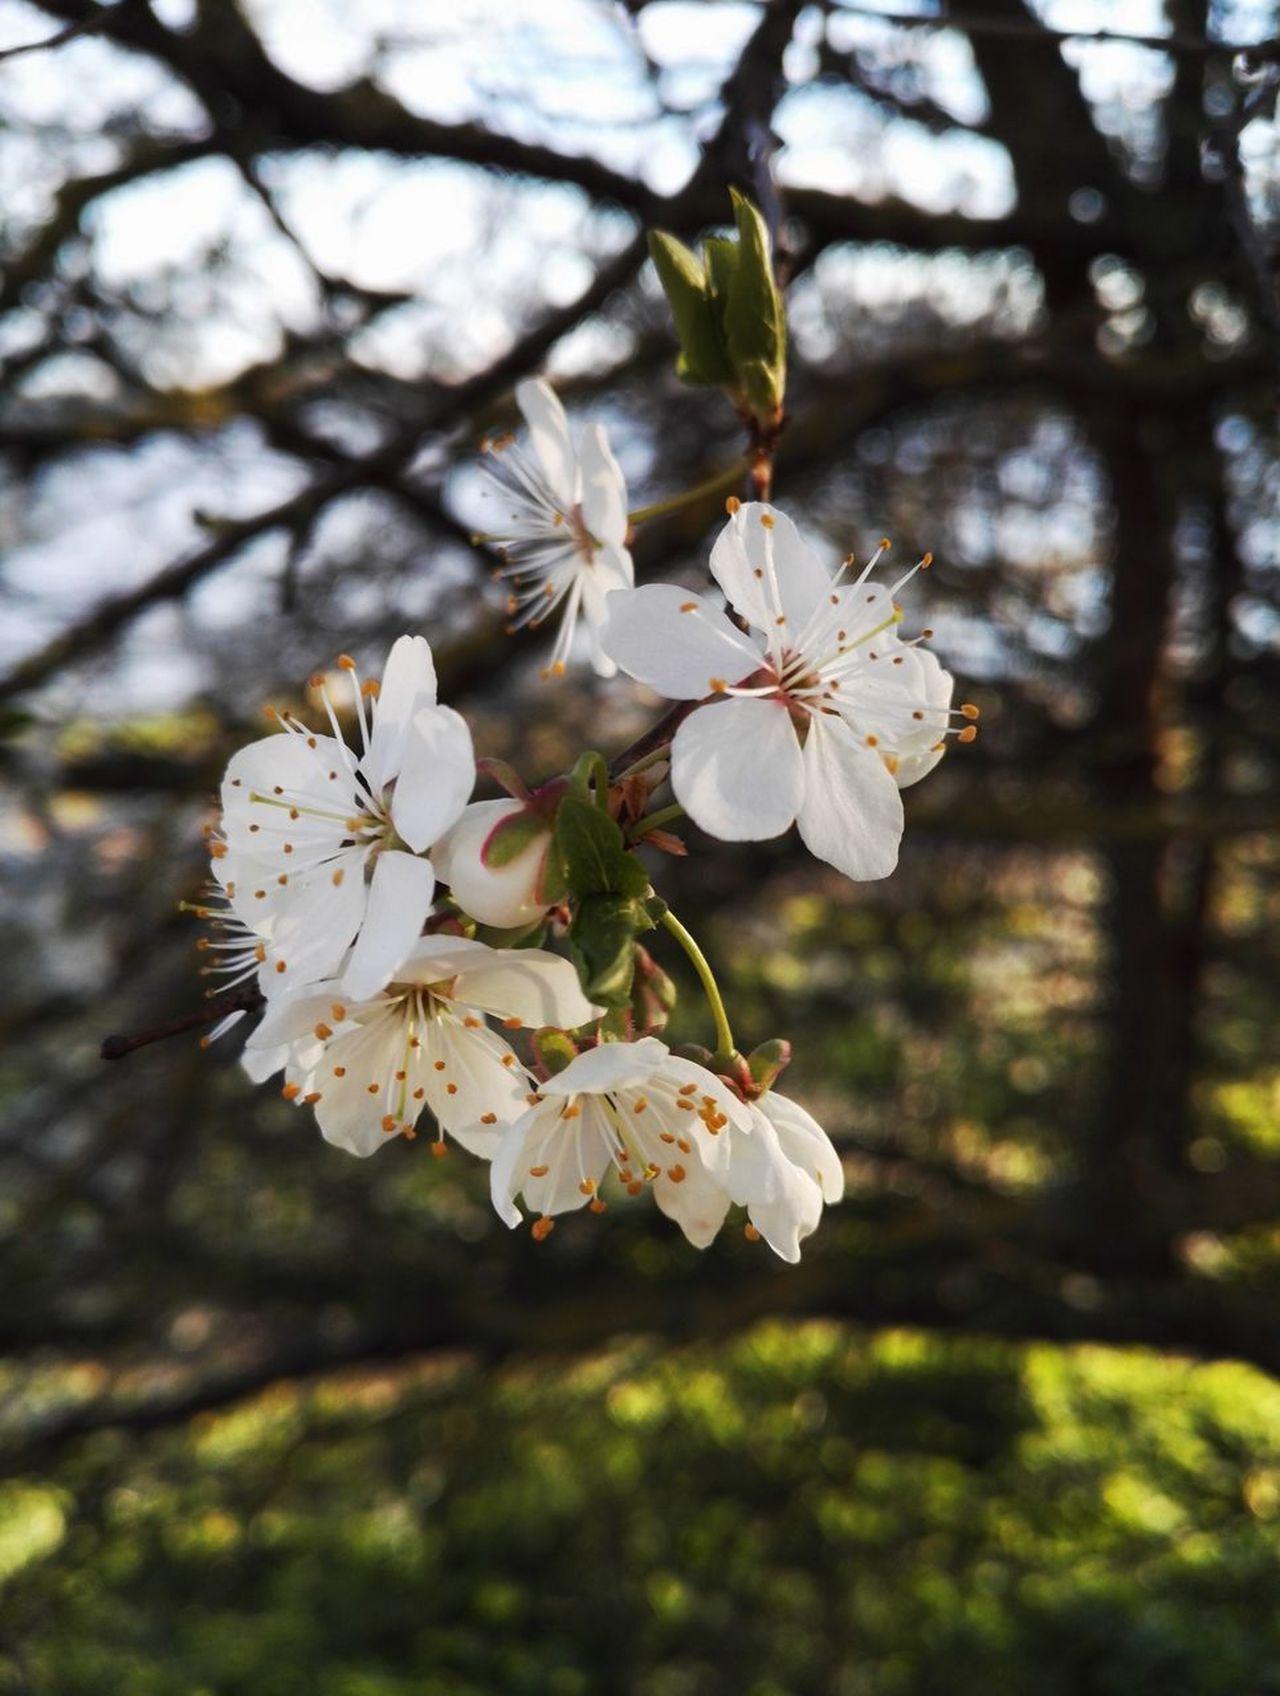 Flower Blossom Springtime White Color Tree Apple Blossom Nature Apple Tree Beauty In Nature Close-up Day